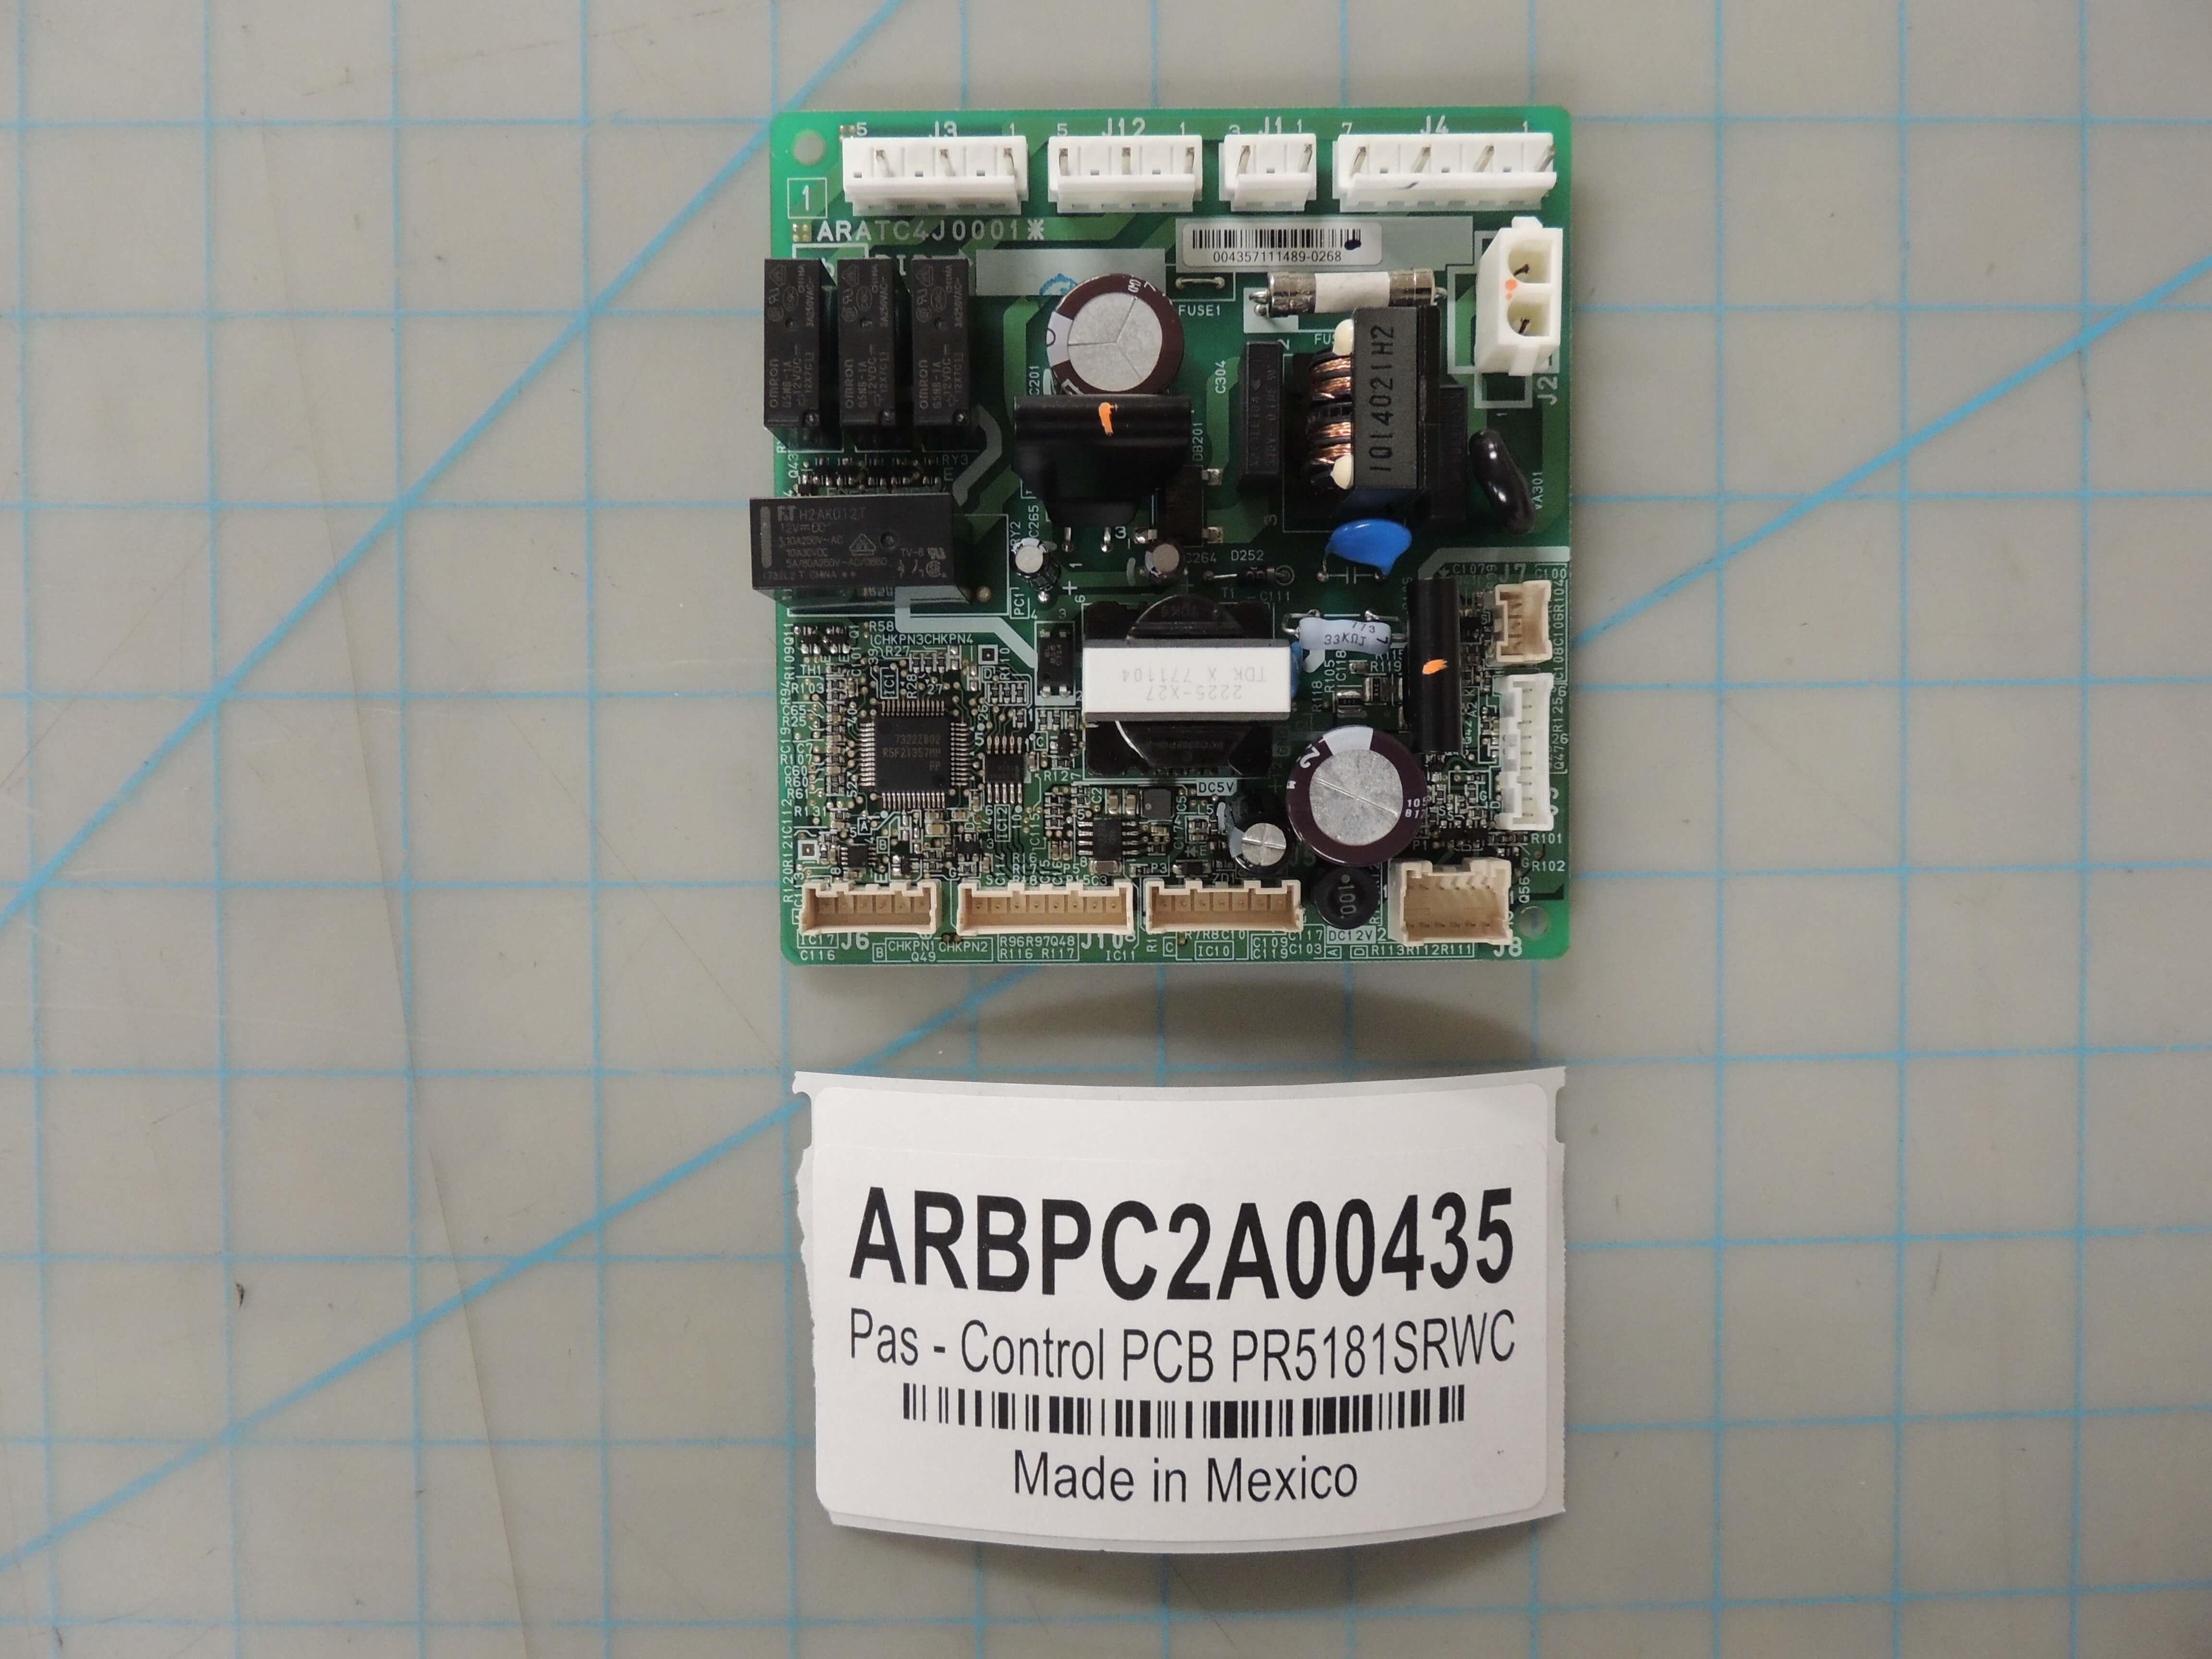 Pas - Control PCB PR5181SRWC